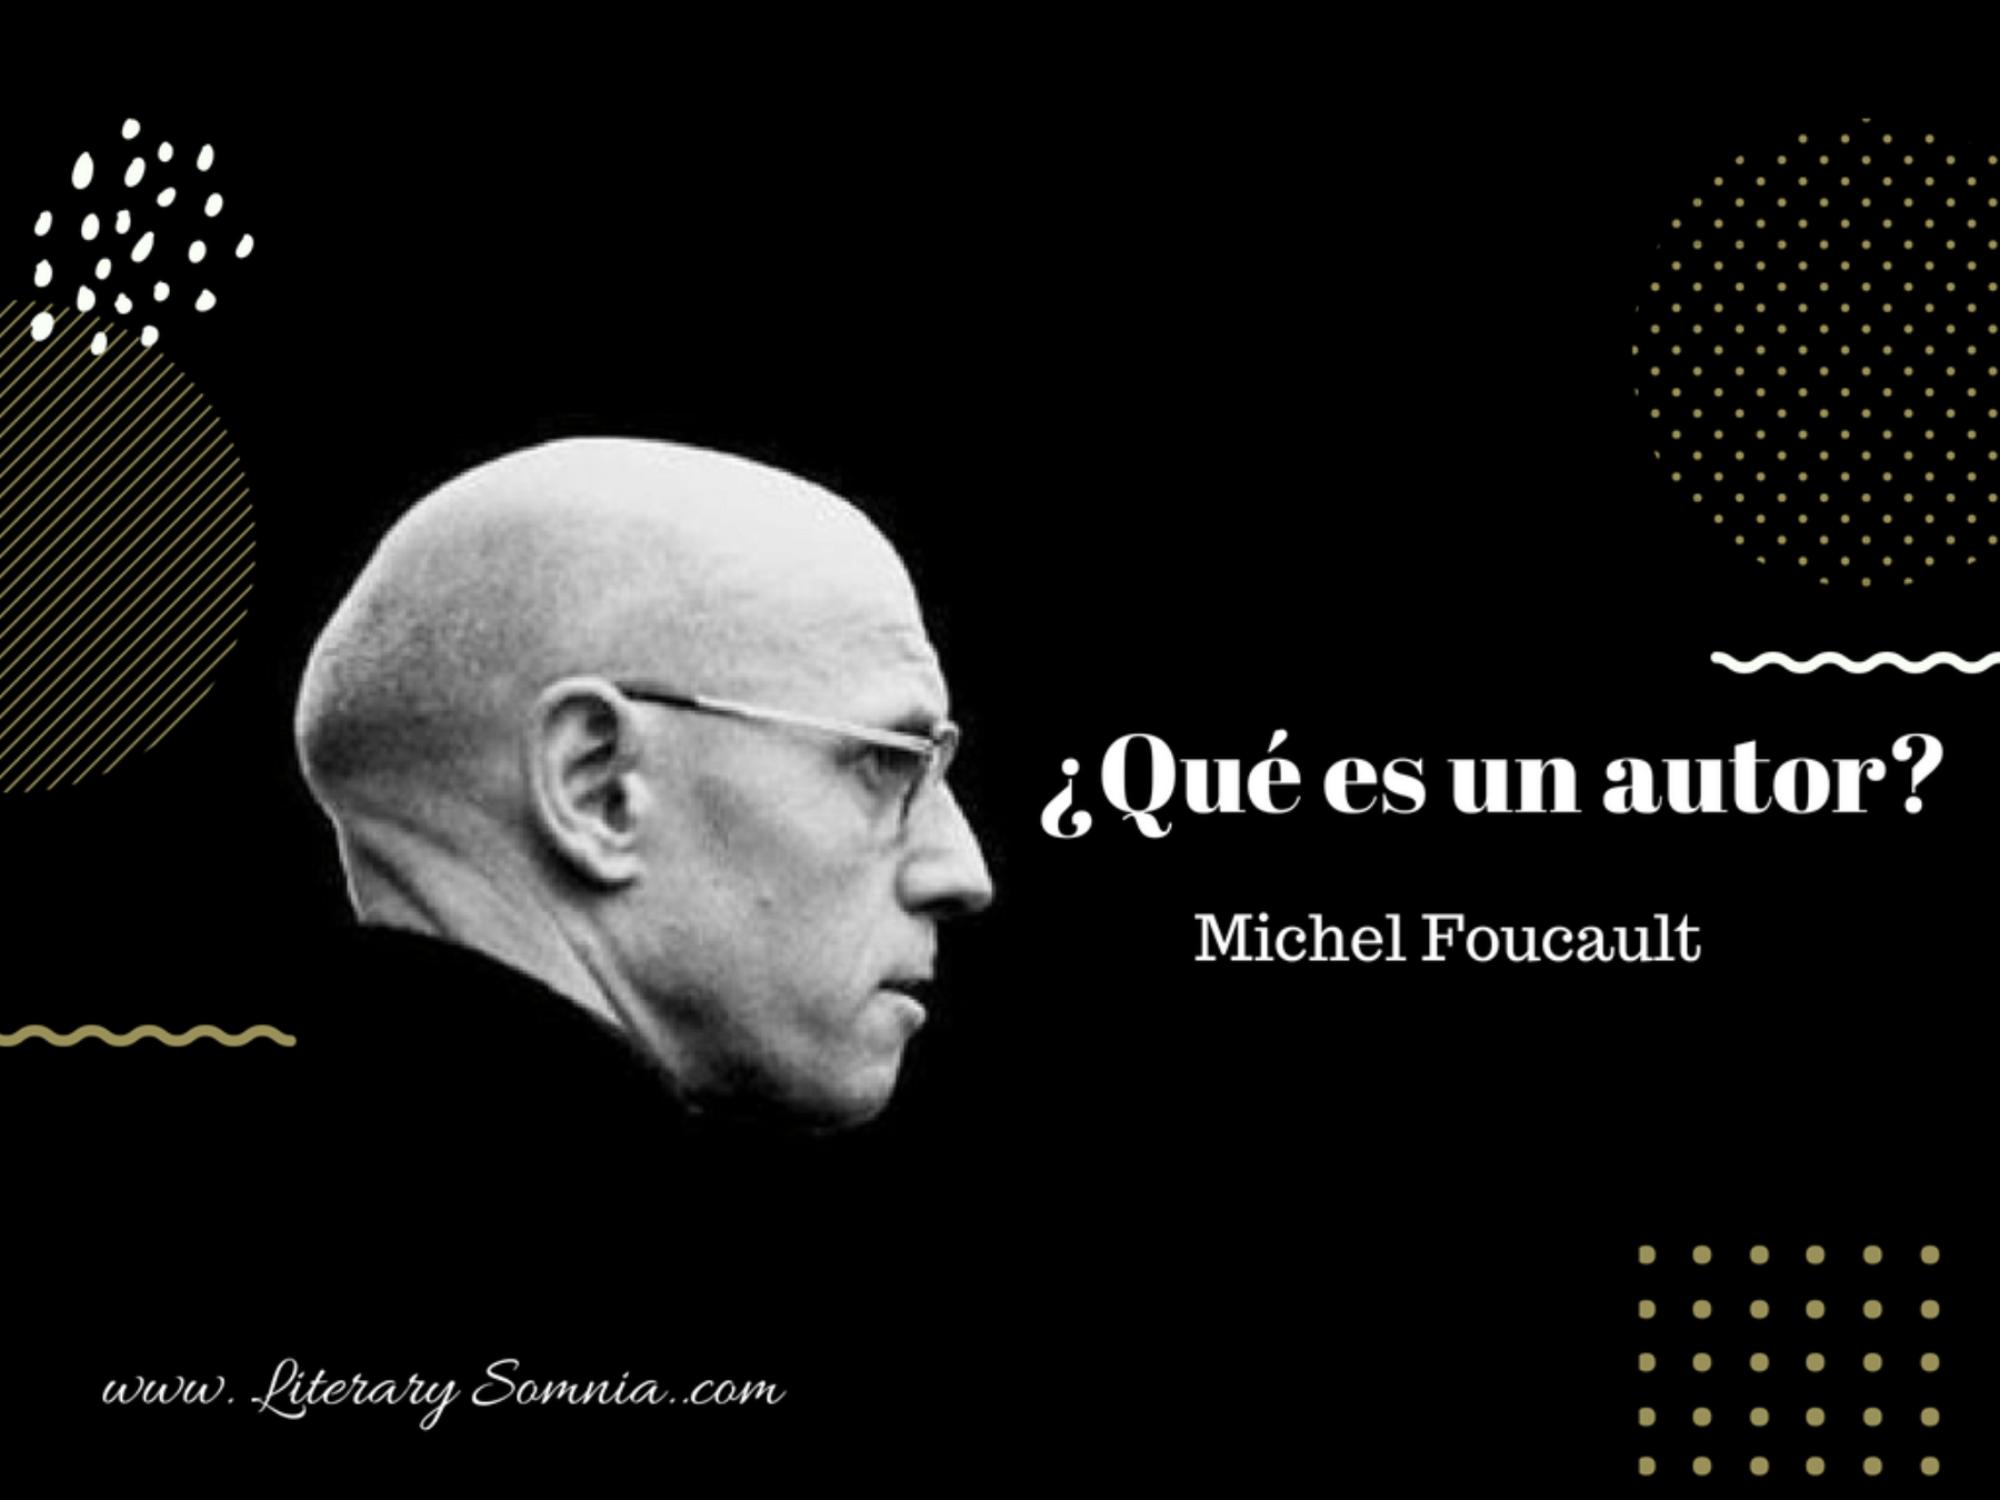 ¿Qué es un autor? Foucault